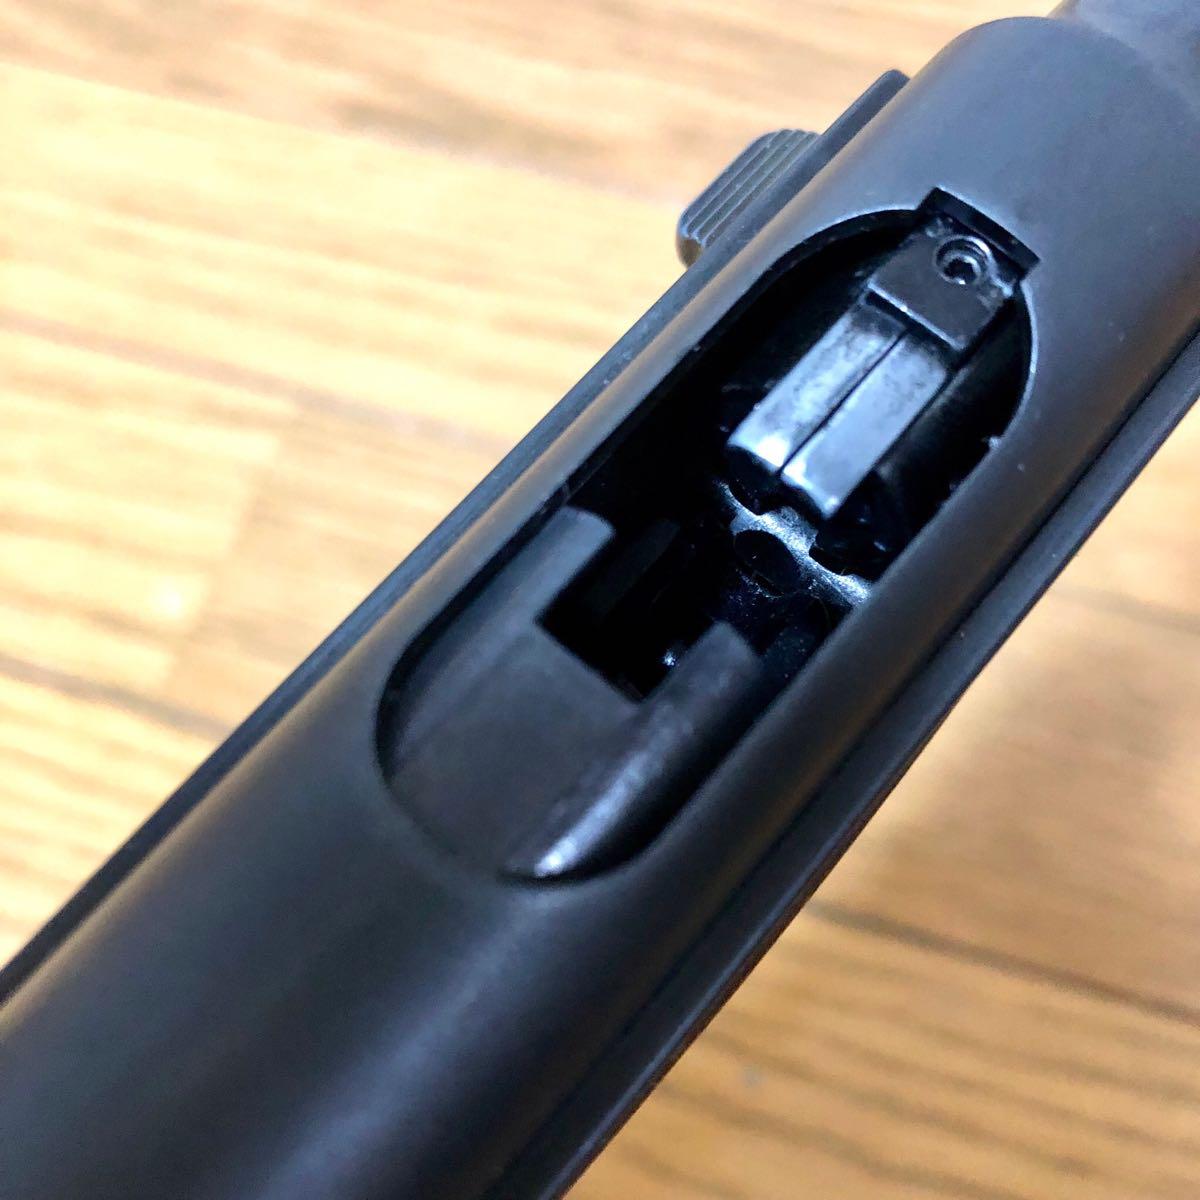 〈マルシン〉南部14年式 前期モデル HW ガスガン 6mmBBガスブローバック 期間限定!1円スタート!_画像8